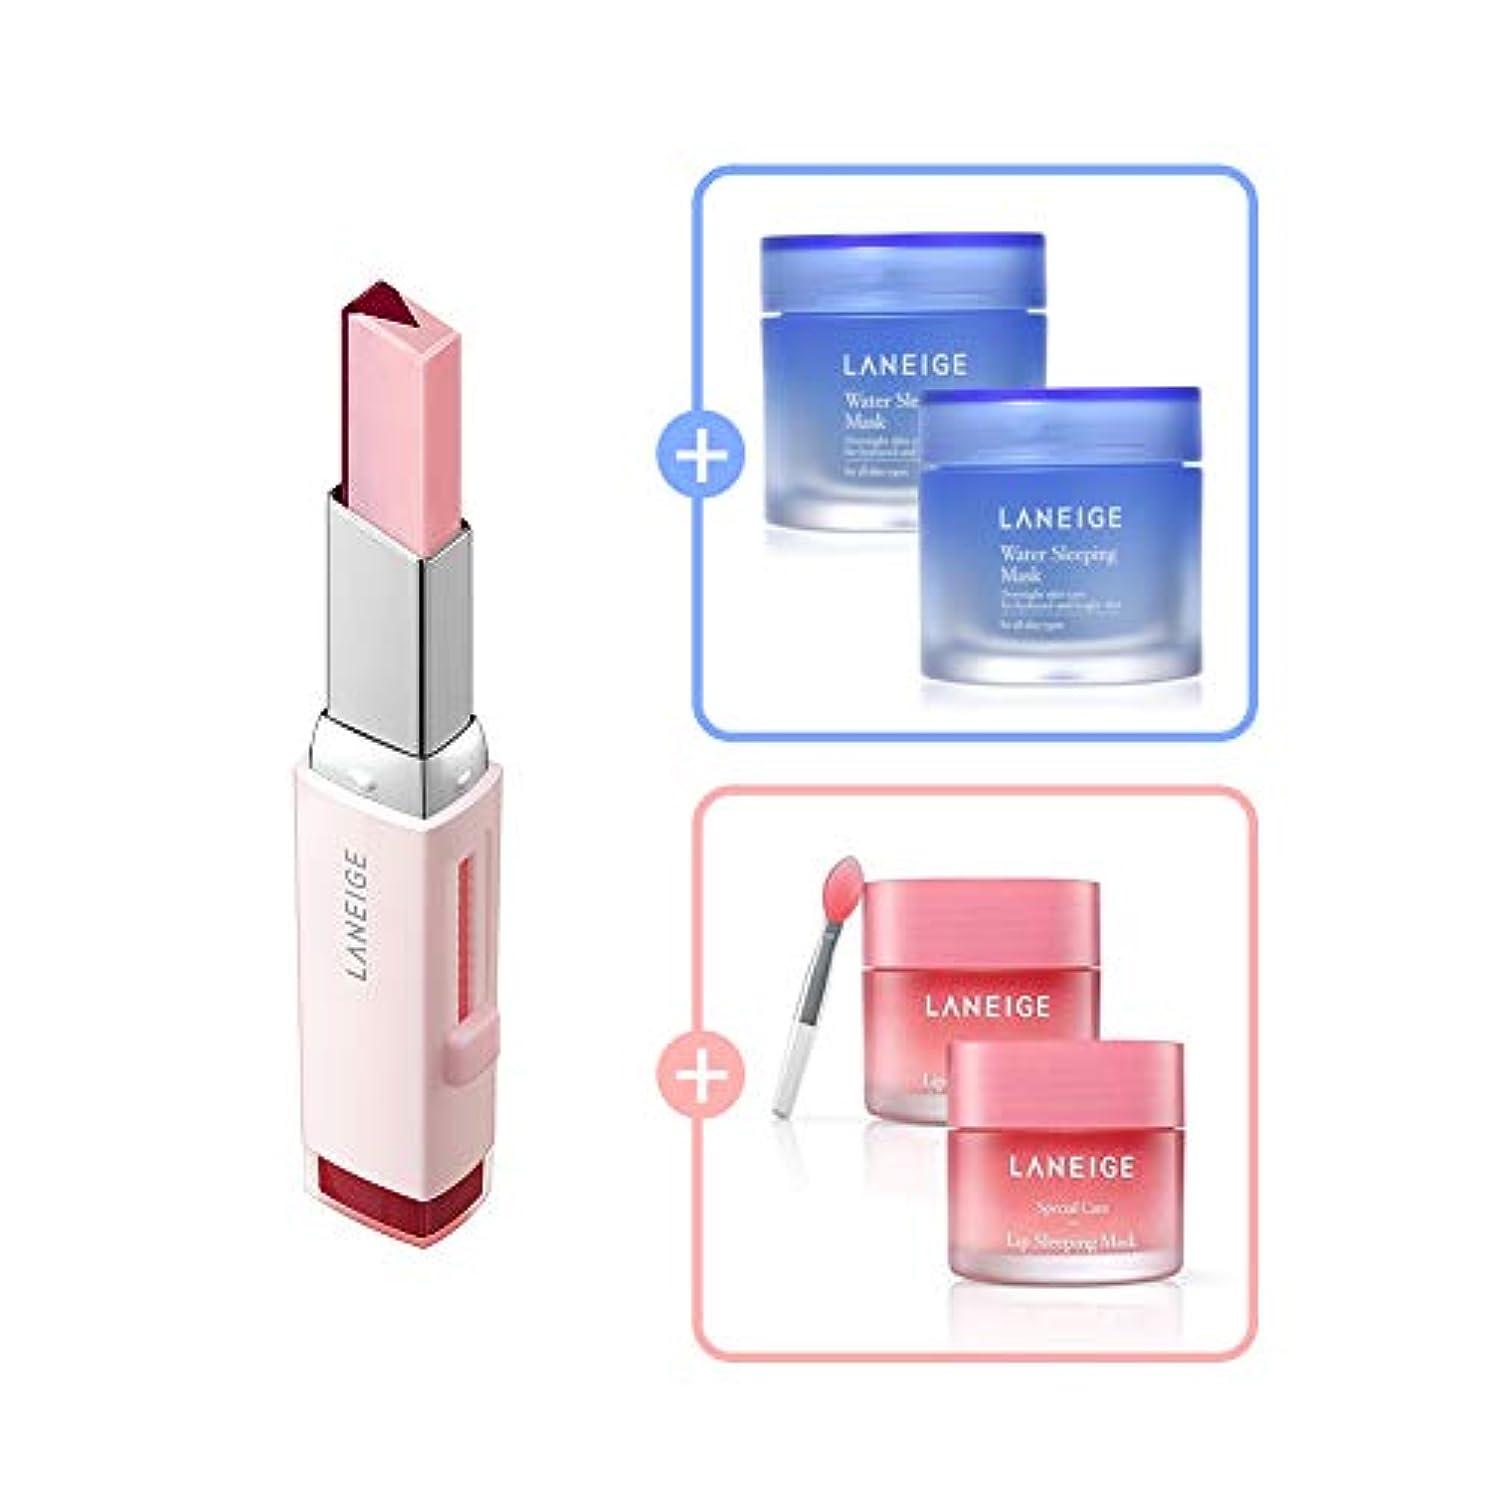 メイド限界効率Two Tone Tint Lip Bar 2g (No.8 Cherry Milk)/ツートーン ティント バー 2g (No.8 チェリー ミルク) [数量限定!人気商品のサンプルプレゼント!]